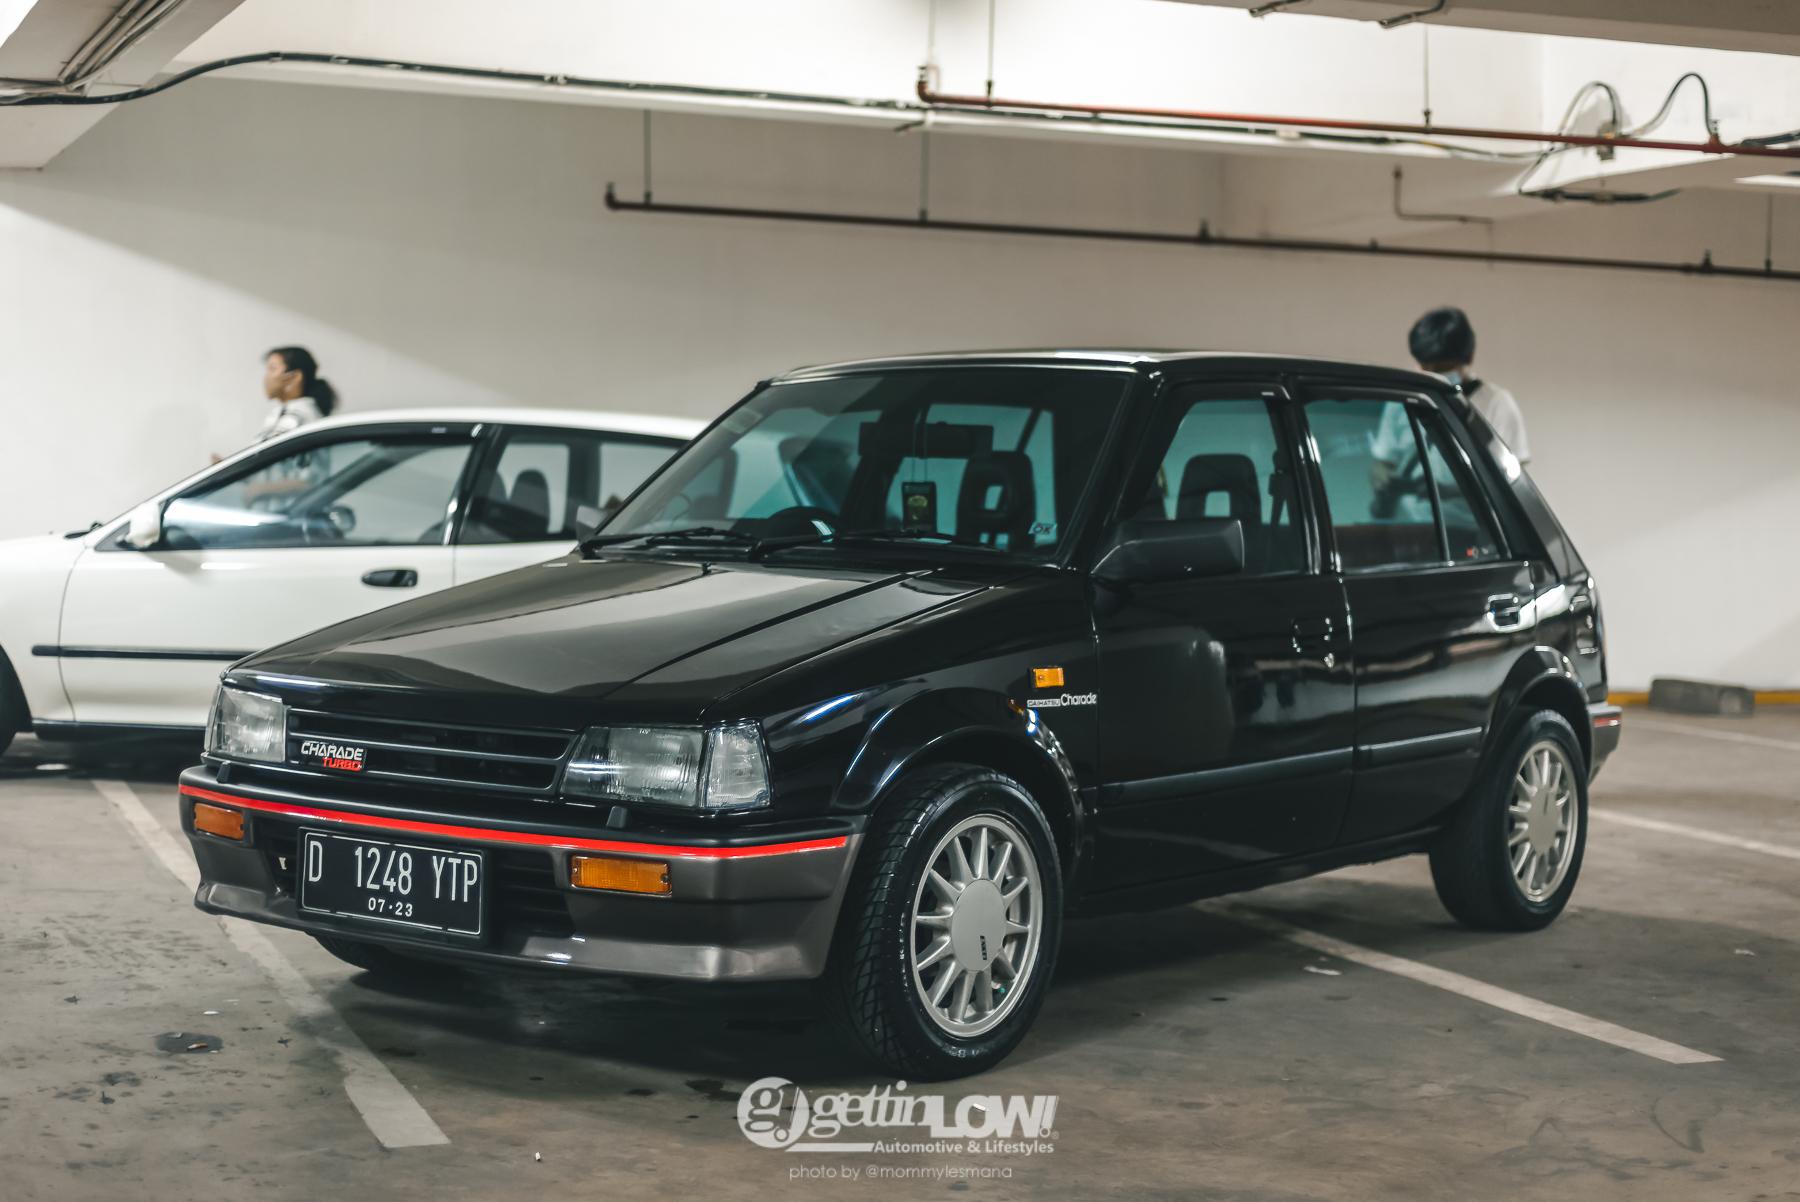 1986 Daihatsu Charade Turbo (G11R)